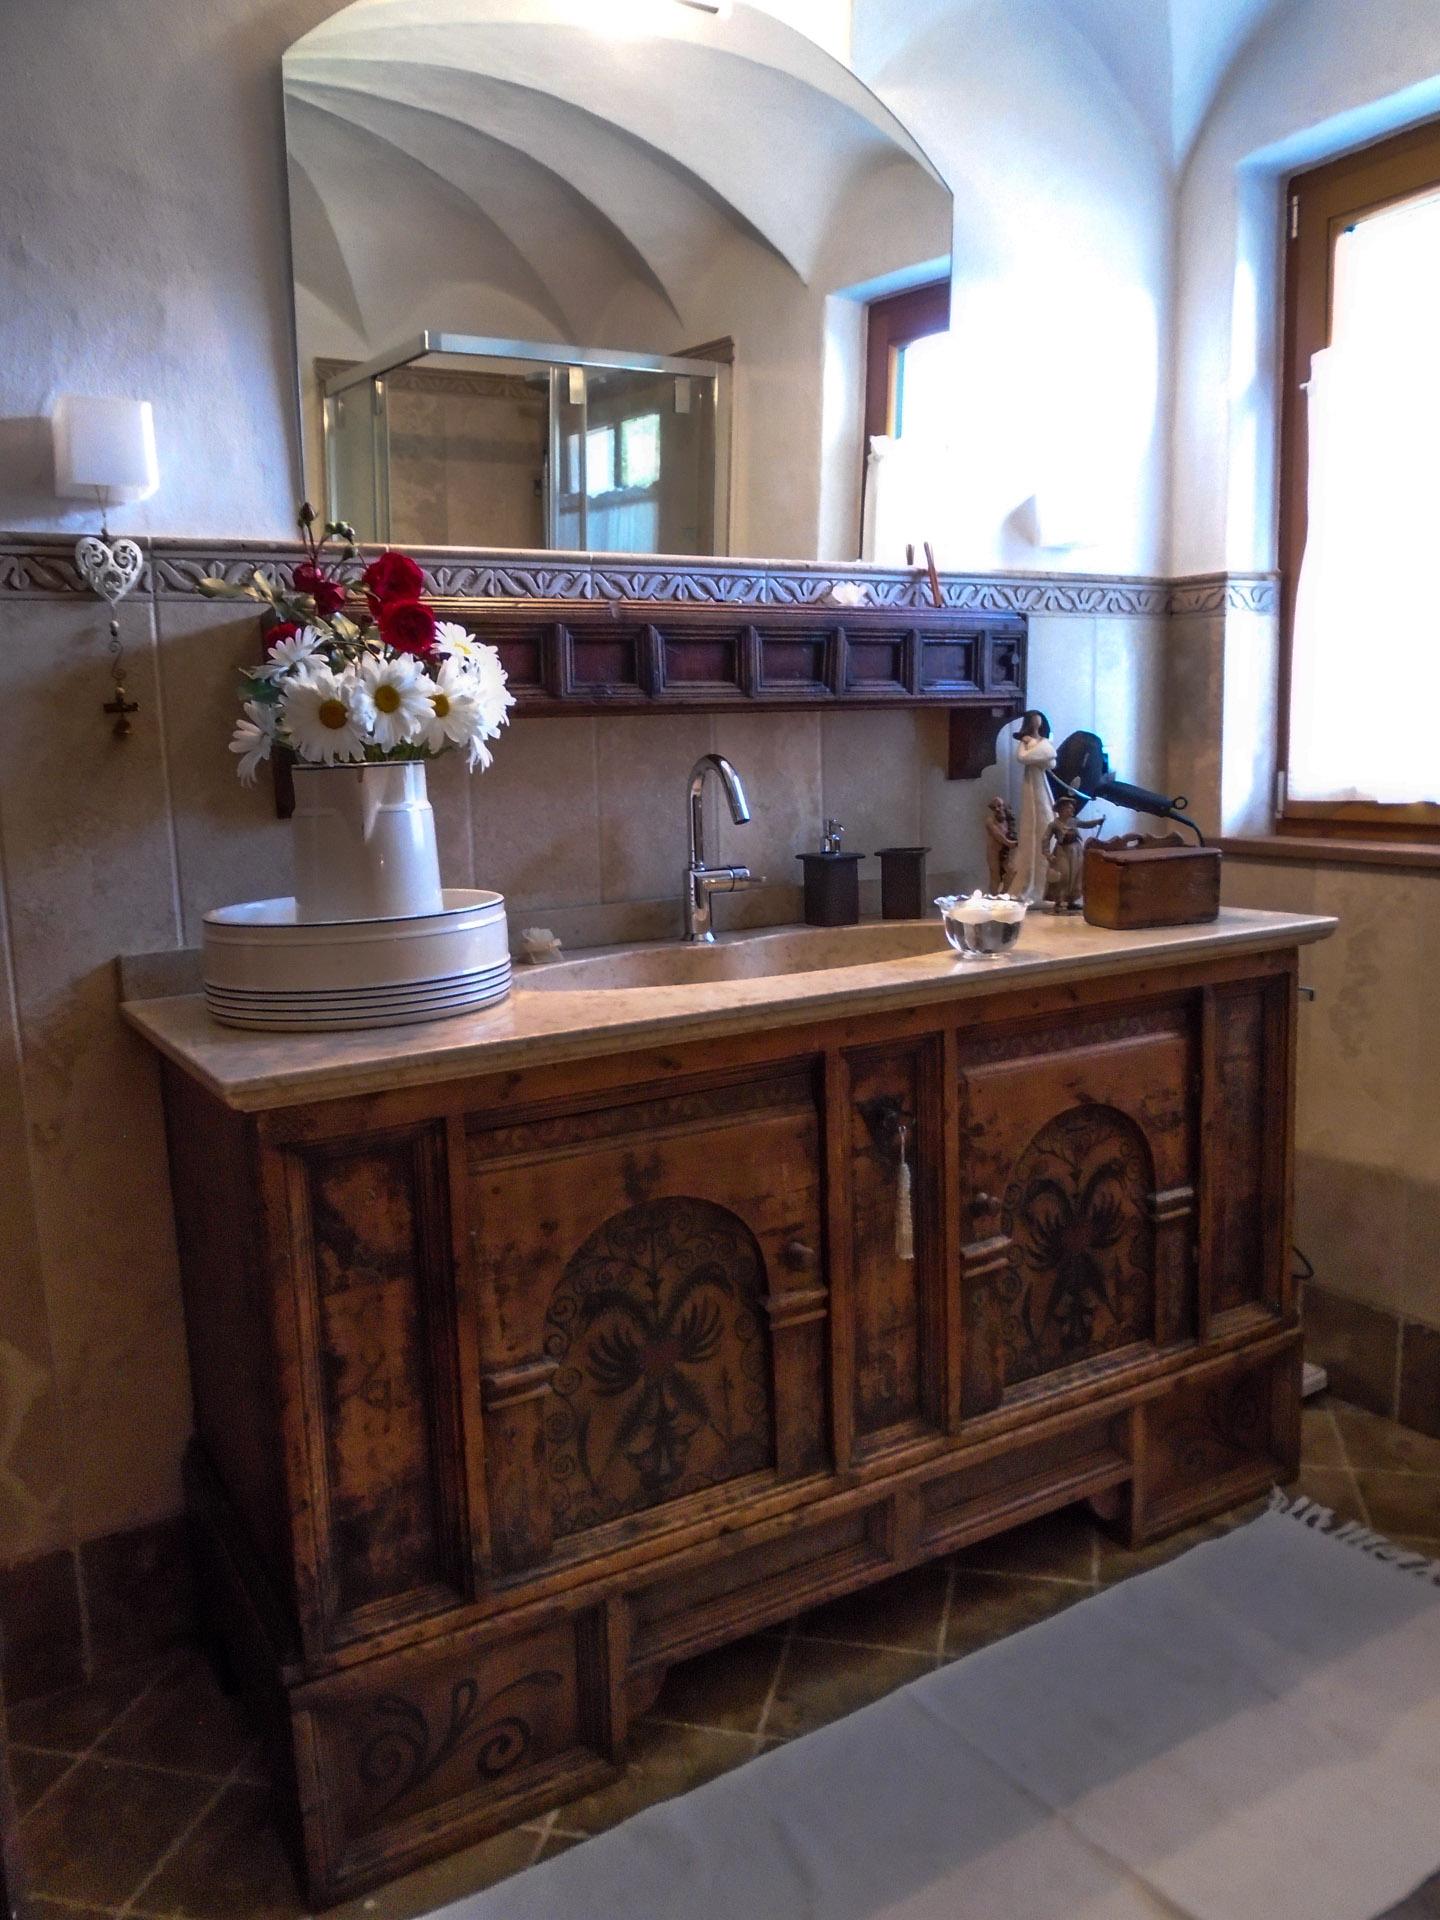 Moderno E Antico Arredamento i nostri arredi - soluzioni per mobili antichi e moderni